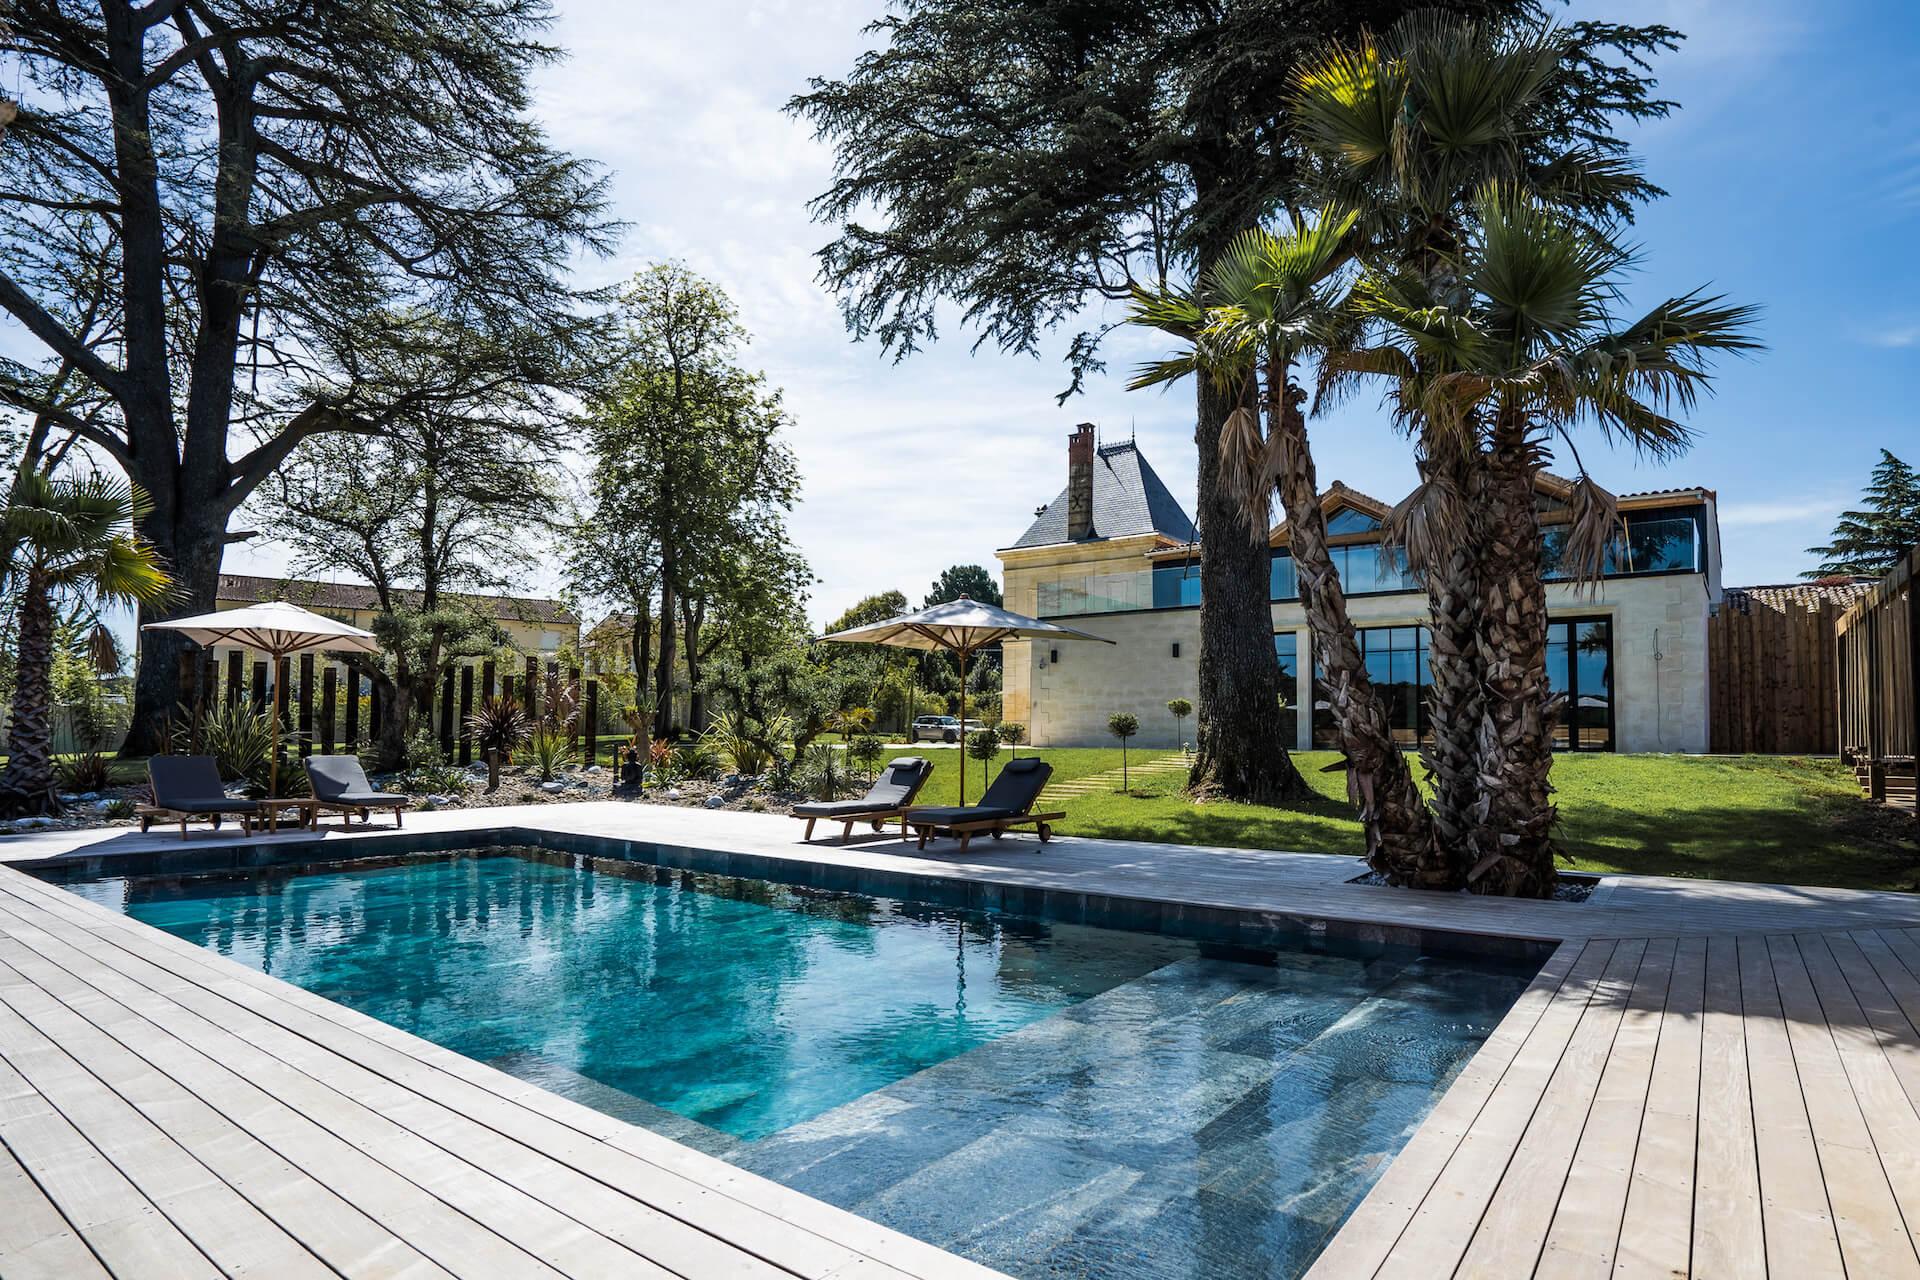 piscine - château grand arnaud chambres d'hôtes réception et séminaires bordeaux